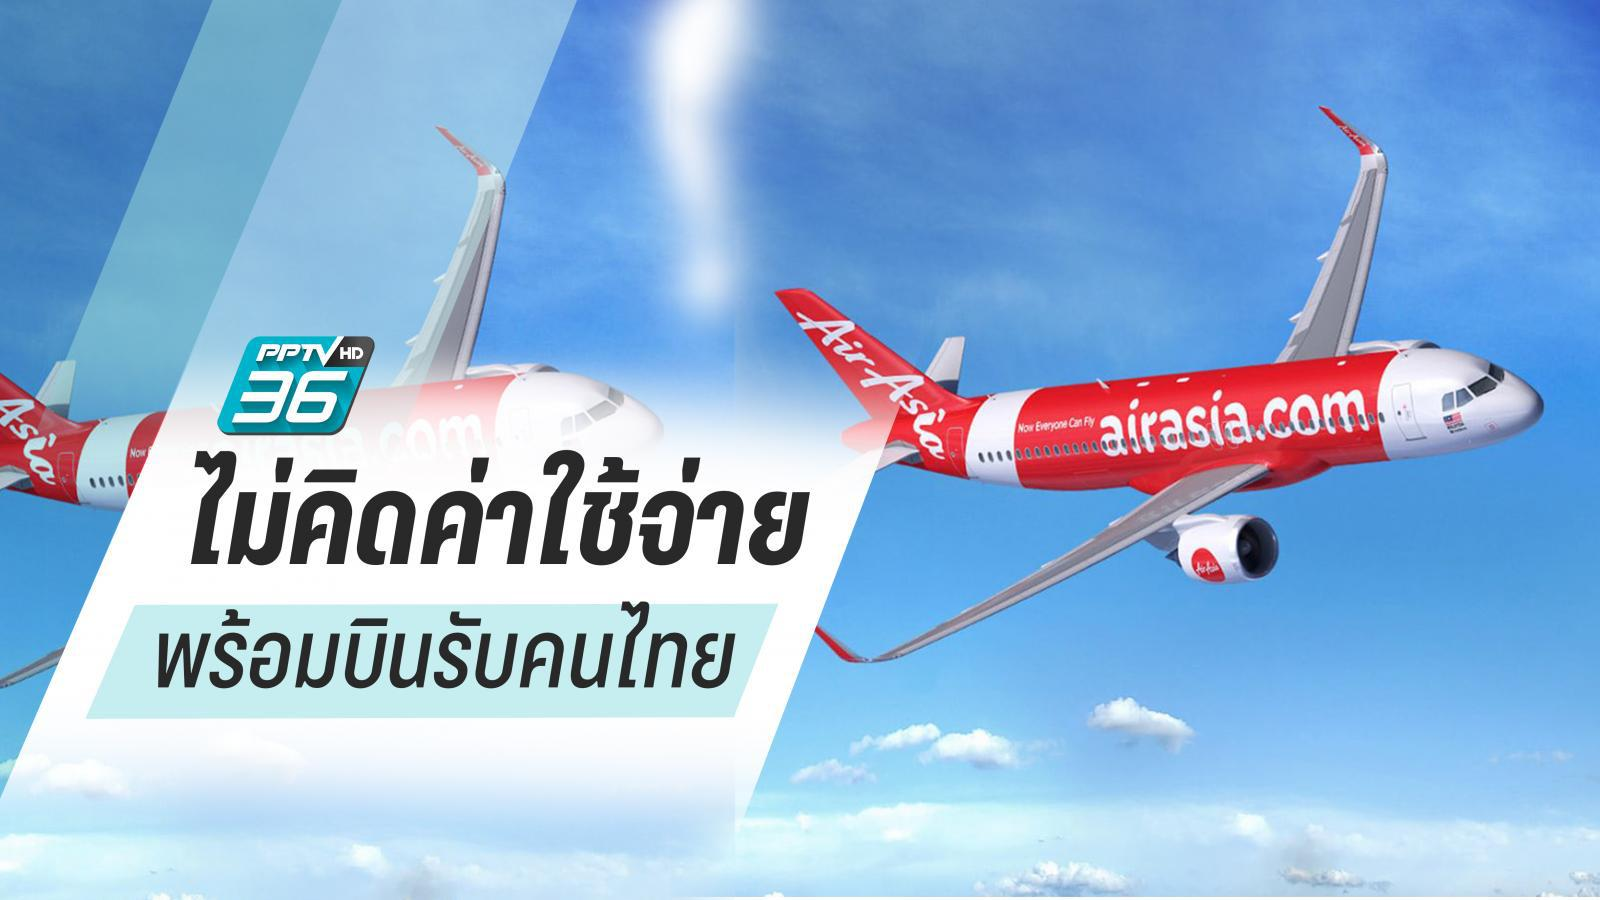 """ไวรัสโคโรนา:""""แอร์เอเชีย""""ยันพร้อมบินรับคนไทยในอู่ฮั่น ไม่คิดค่าใช้จ่าย"""